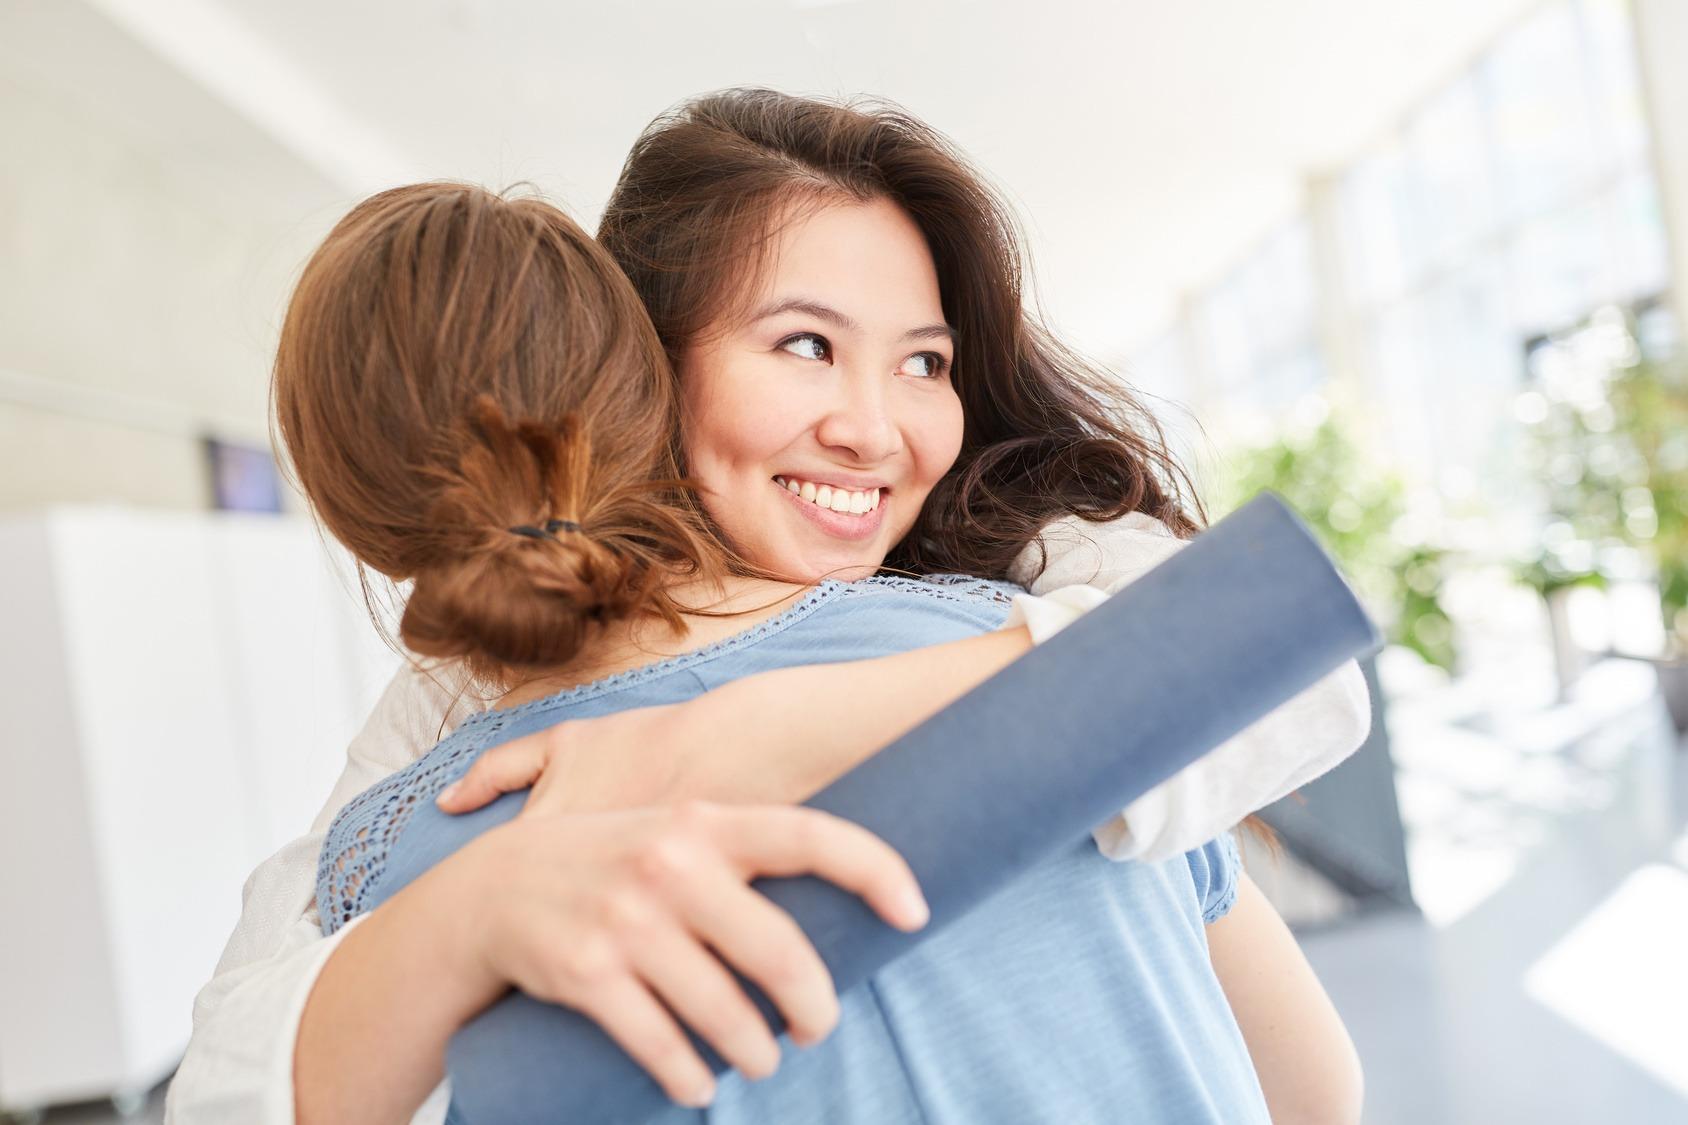 Zwei Frauen umarmen sich und sind glücklich.